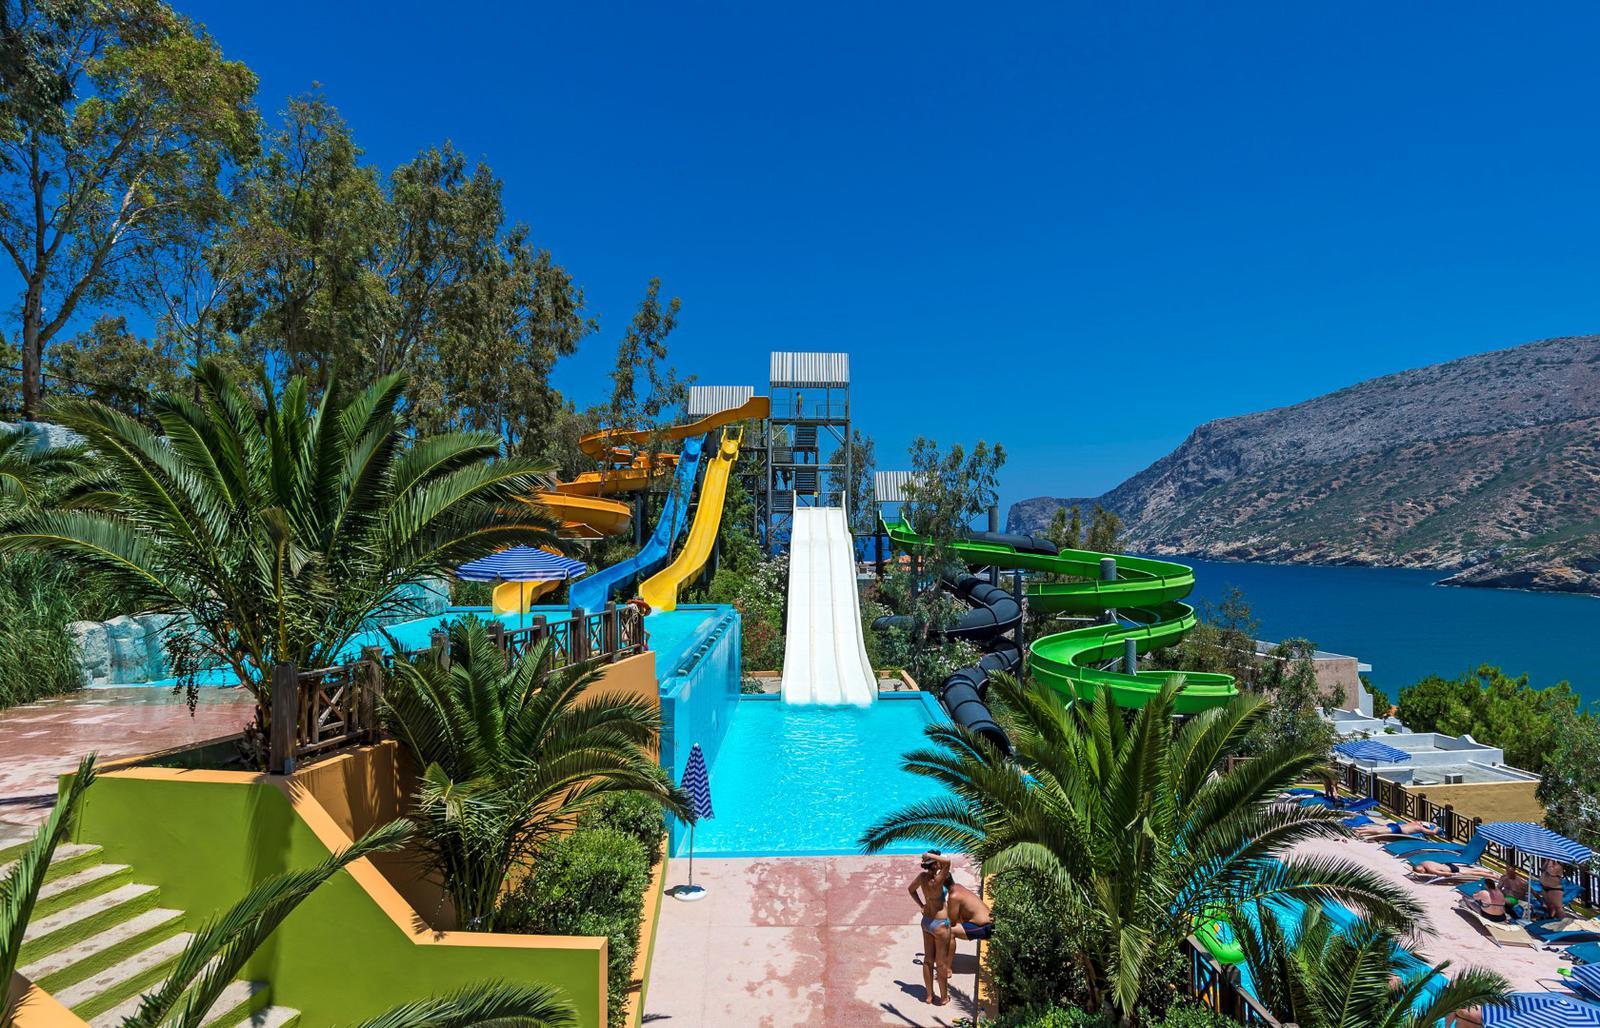 parque acuatico Fodele Beach, Creta, Grecia